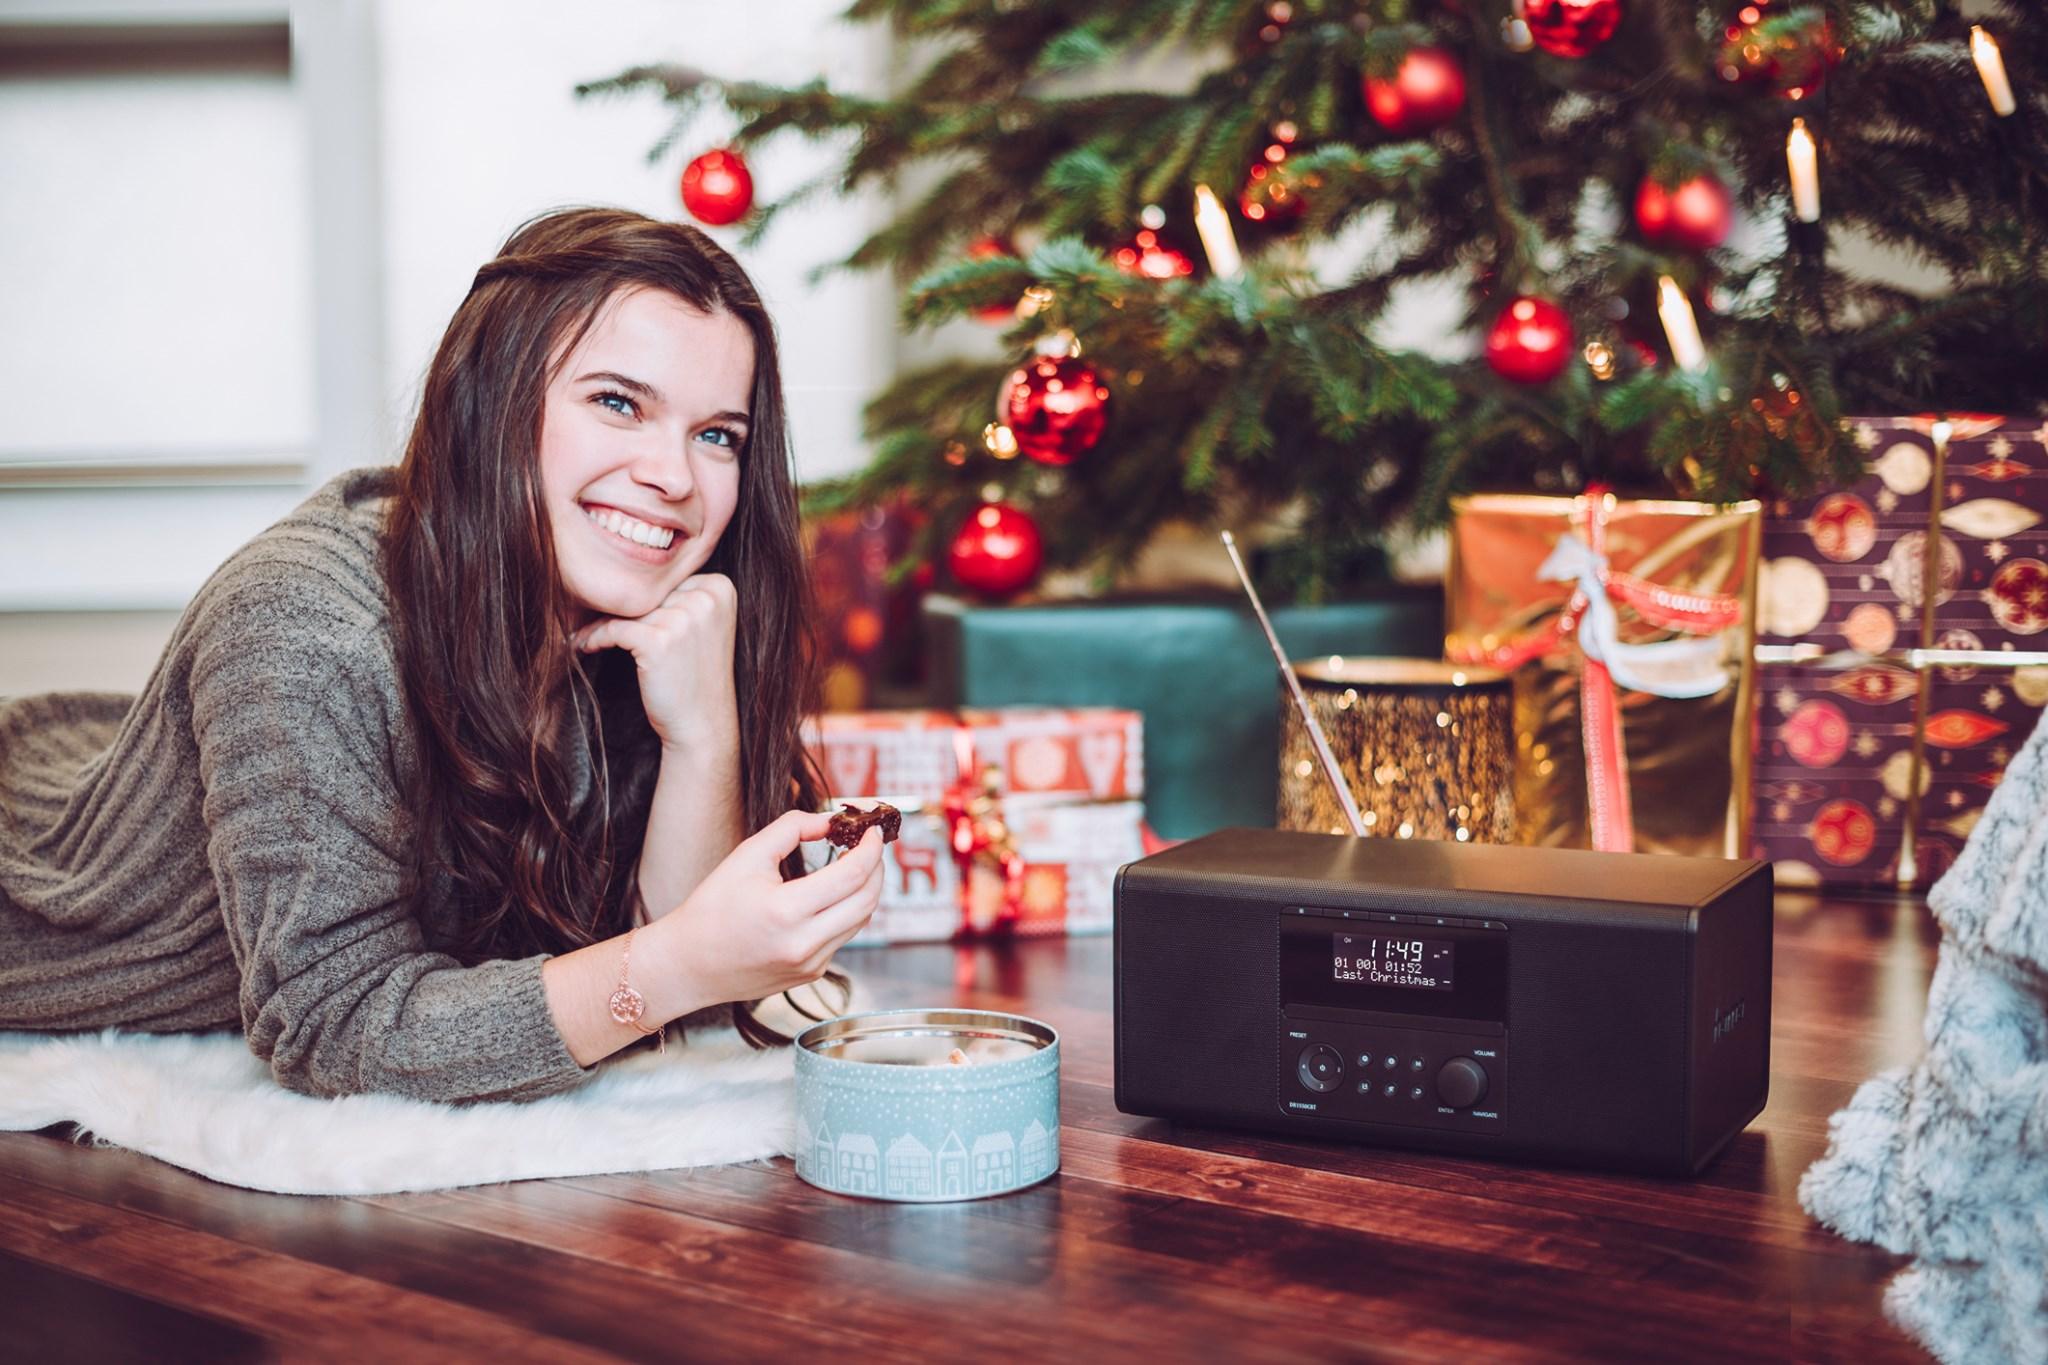 Žena s digitálnym rádiom hama pri vianočnom stromčeku